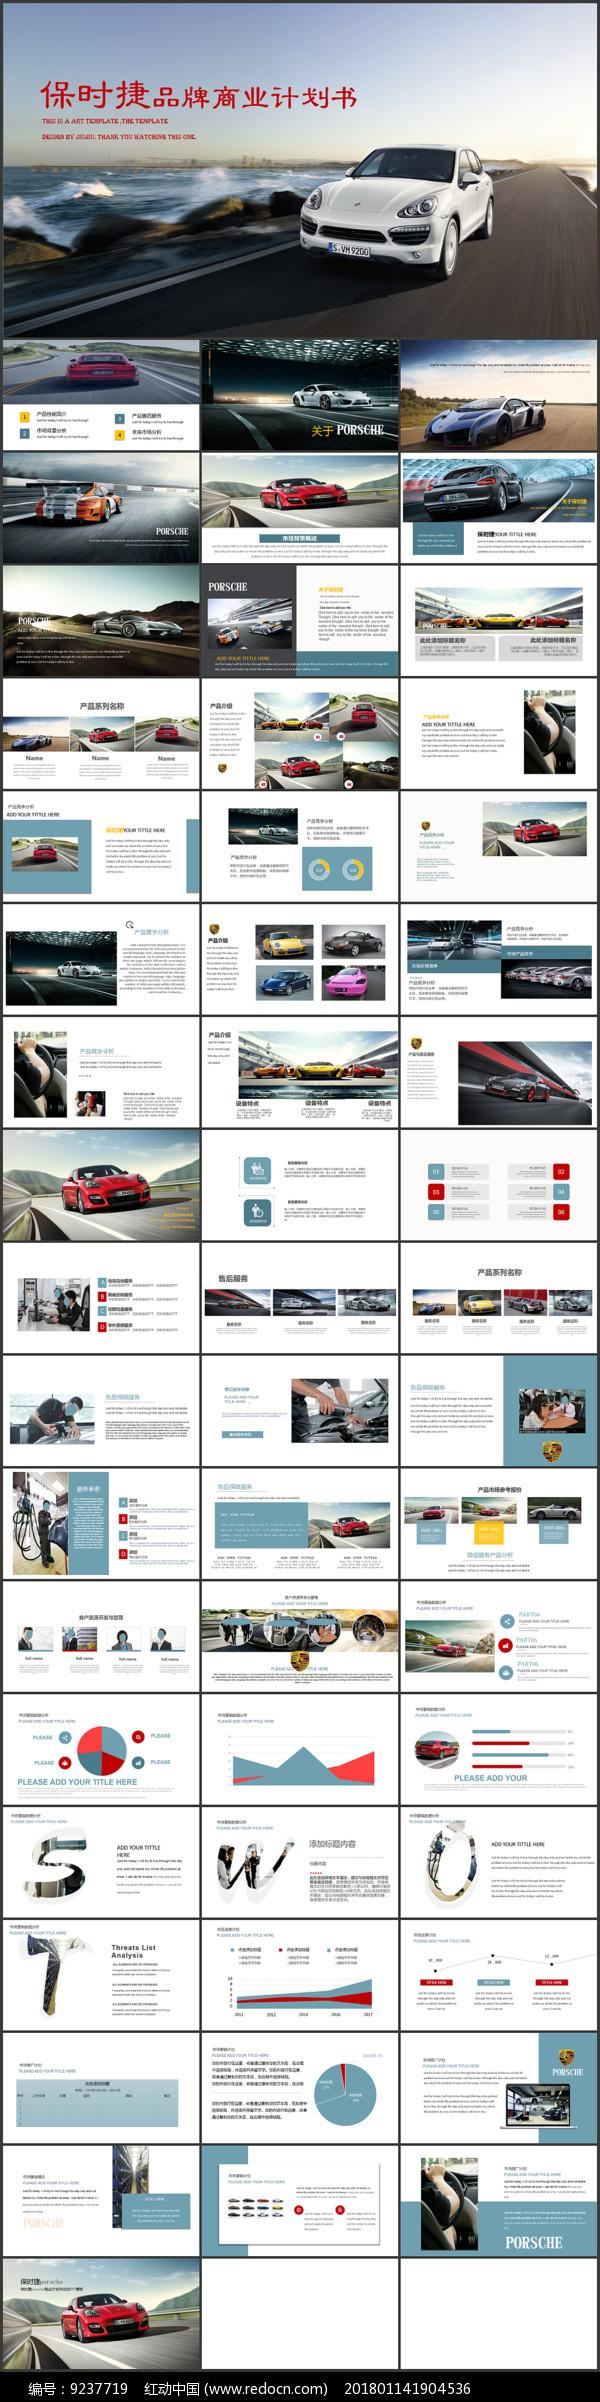 保时捷品牌汽车营销计划PPT图片